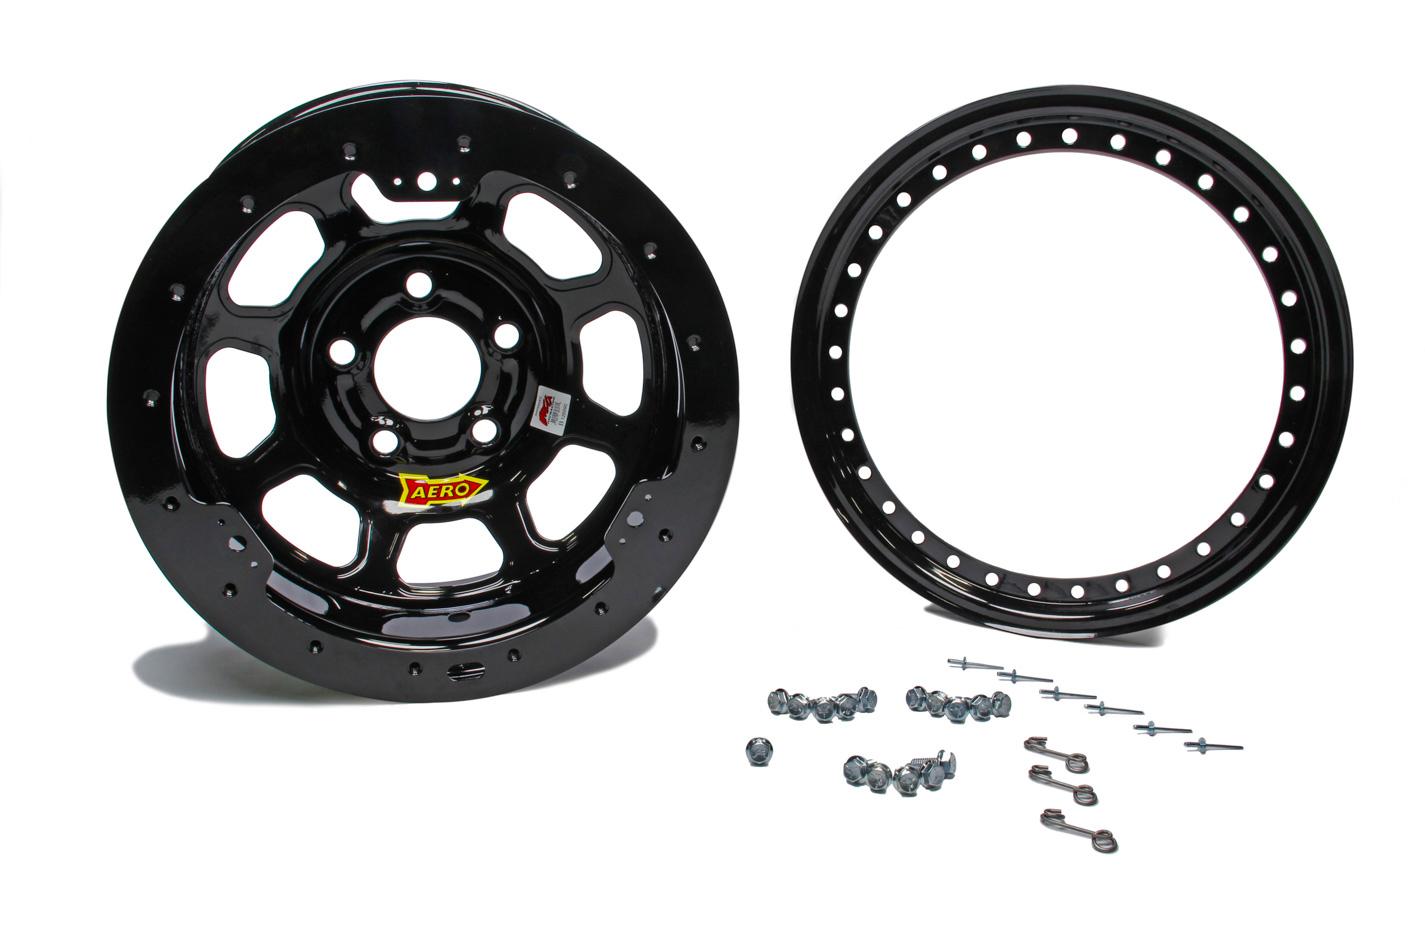 Aero Race Wheels 53-174730B Wheel, 53-Series, 15 x 7 in, 3.000 in Backspace, 5 x 4.75 in Bolt Pattern, Beadlock, Steel, Black Powder Coat, Each